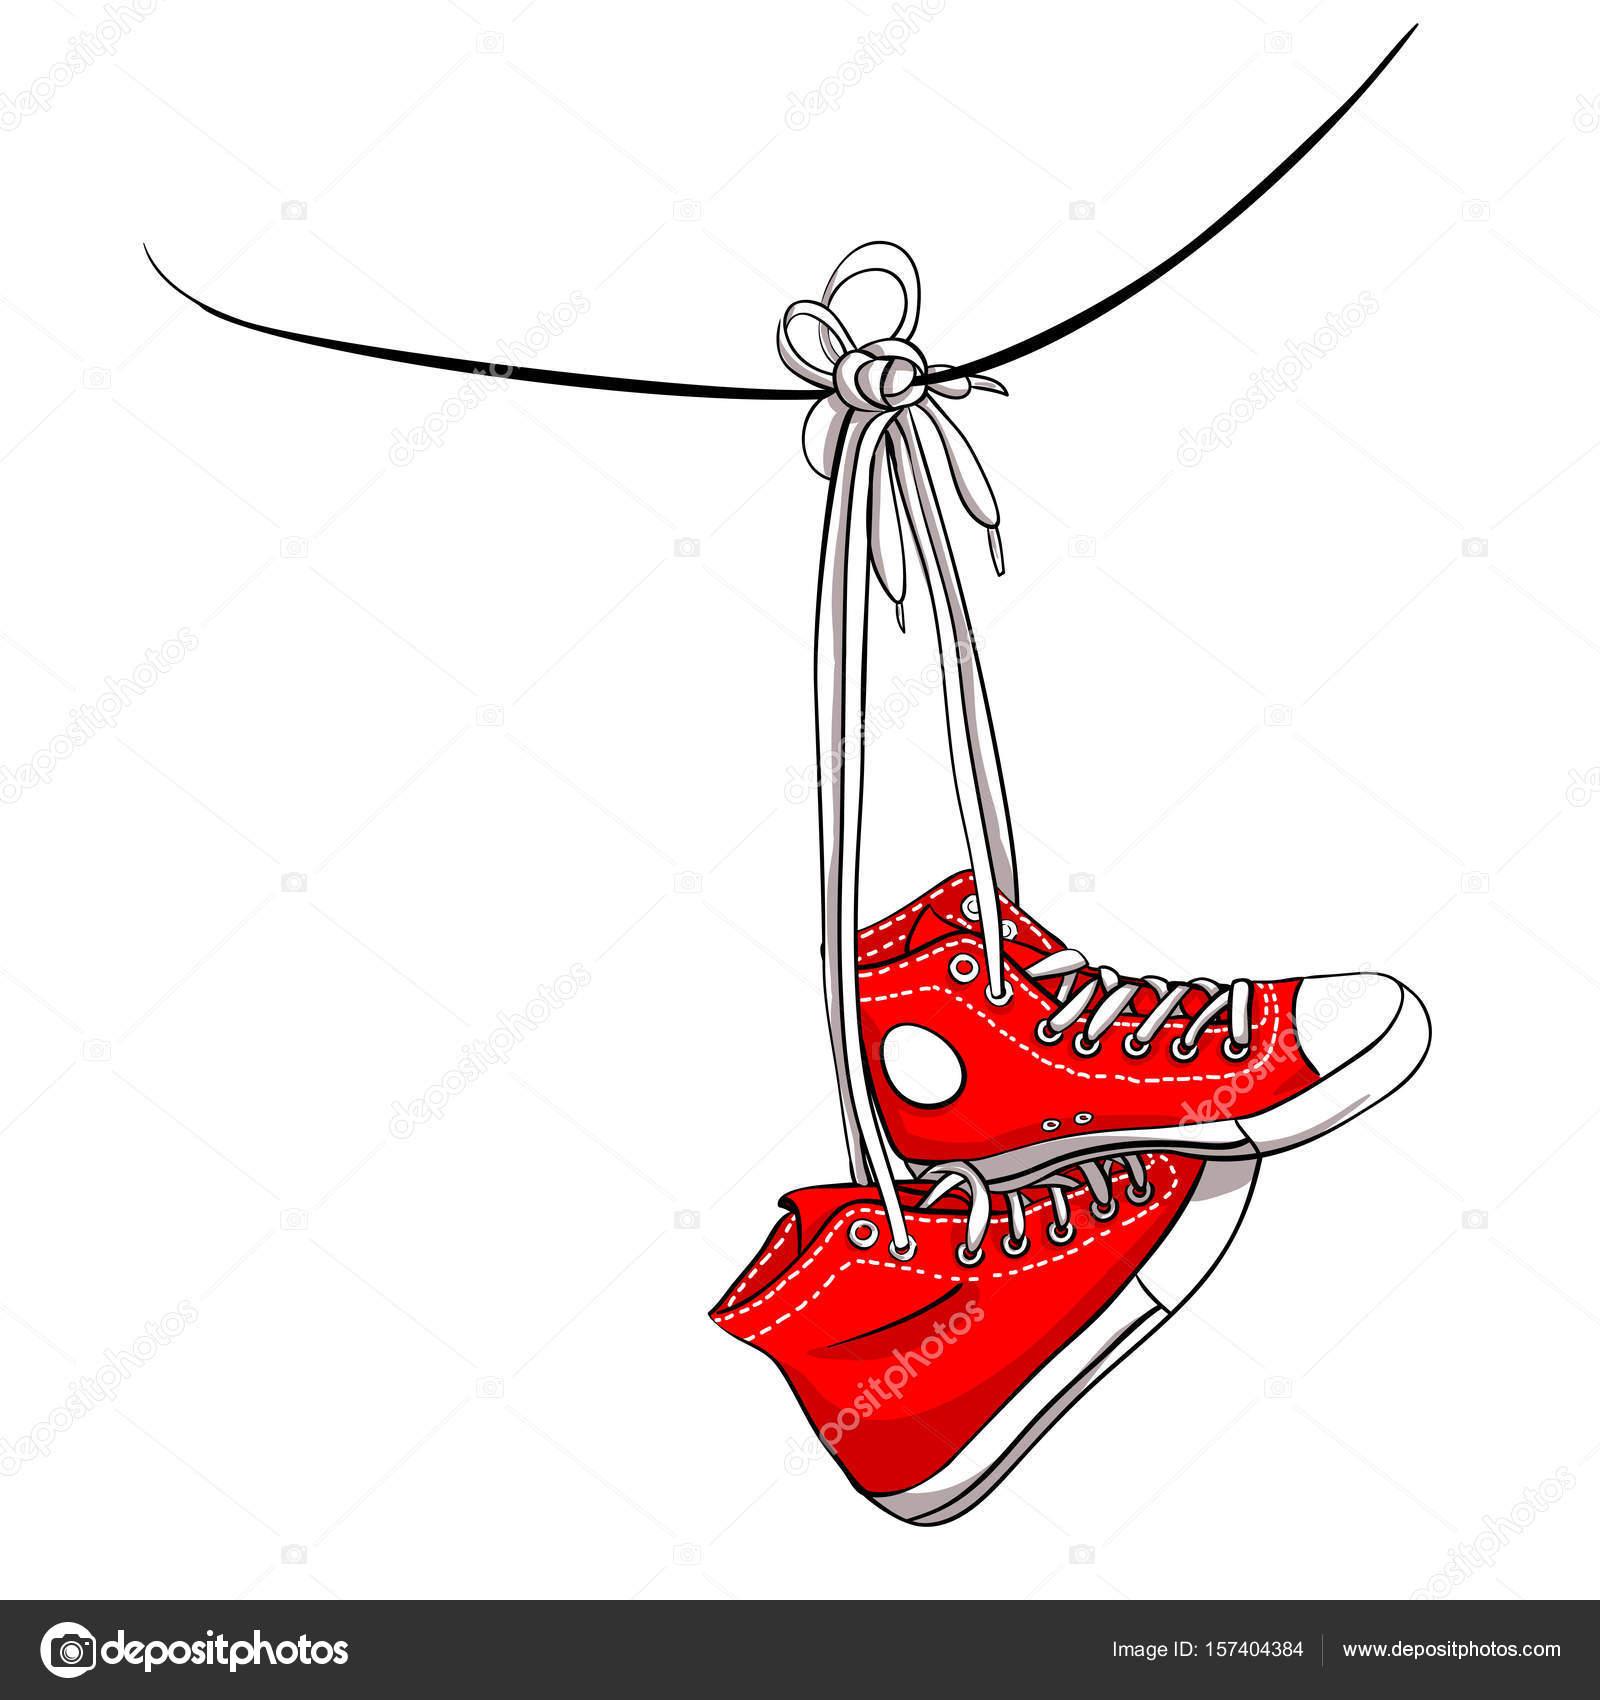 sneakers — Stock Vector © nixes #157404384